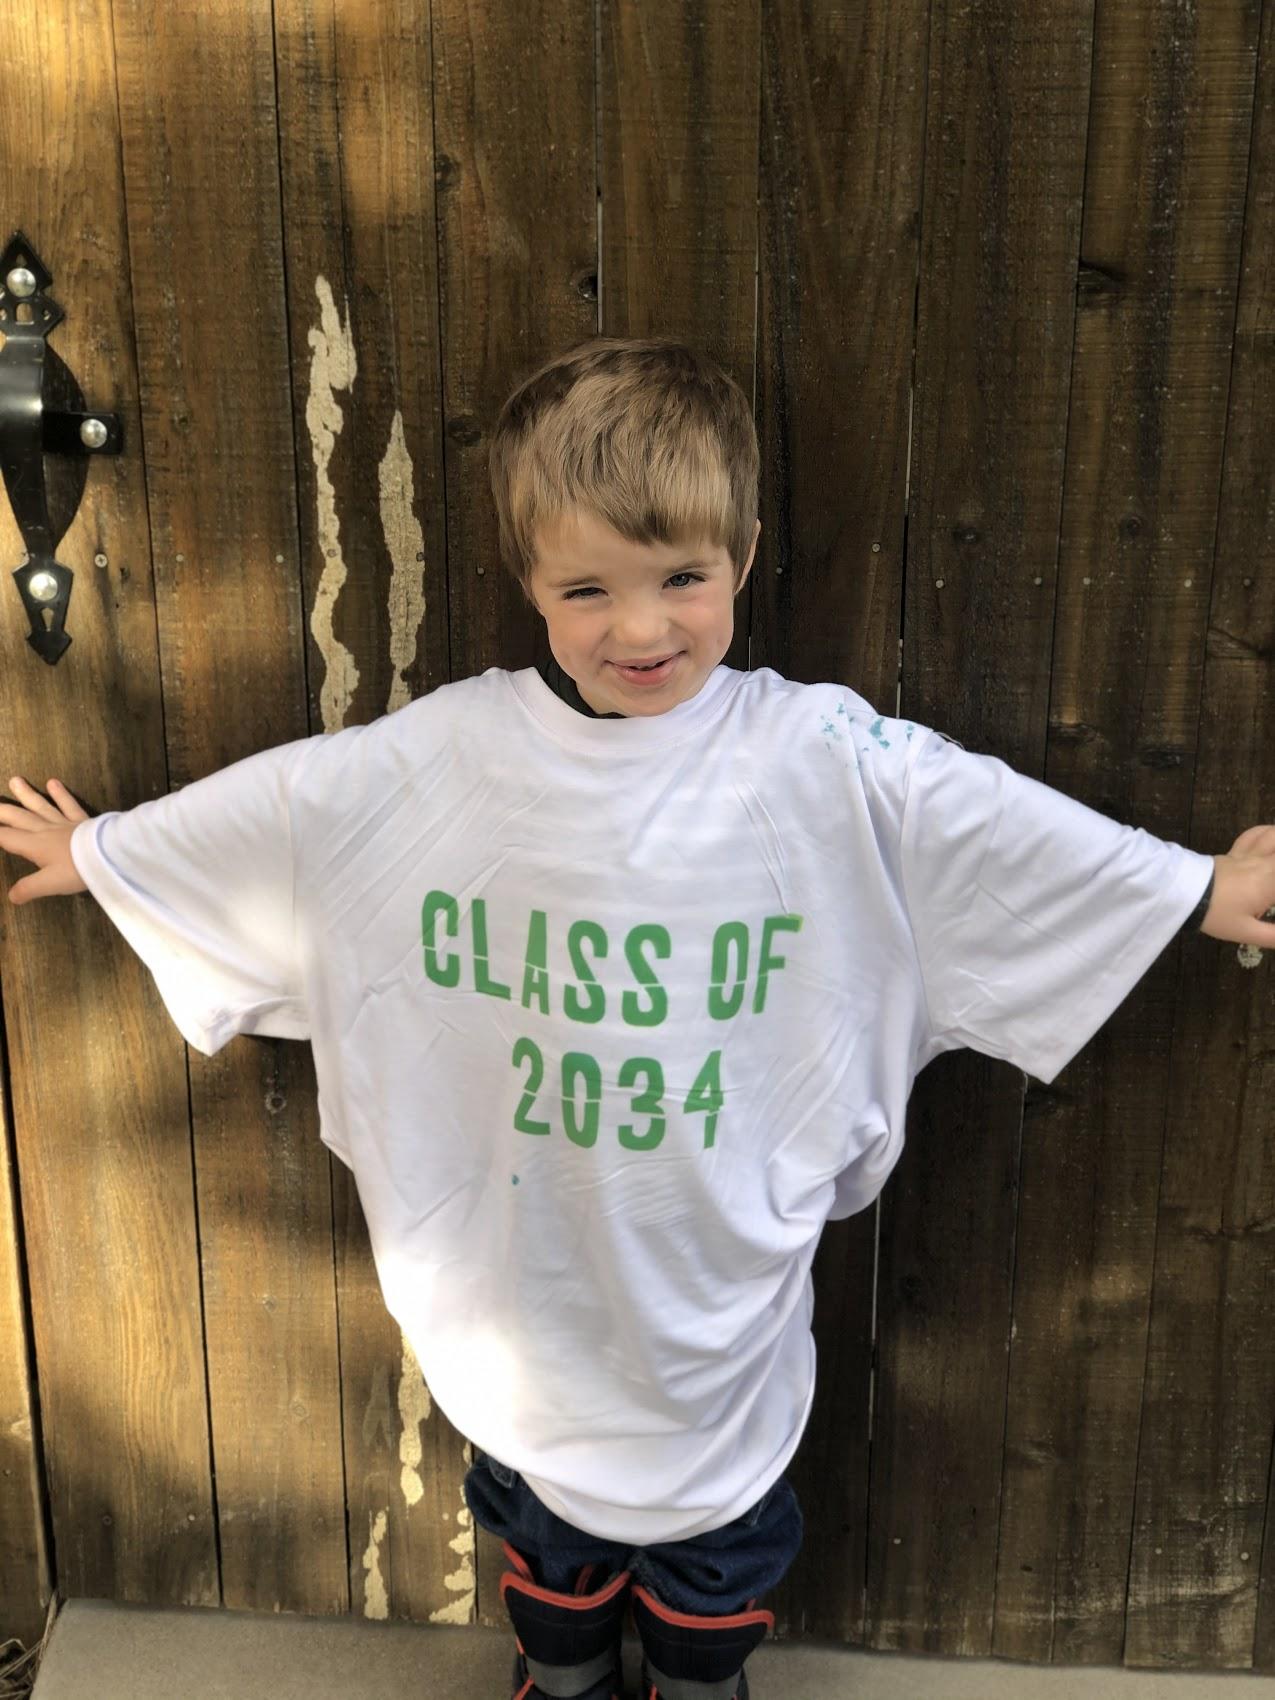 class of 2034 shirt